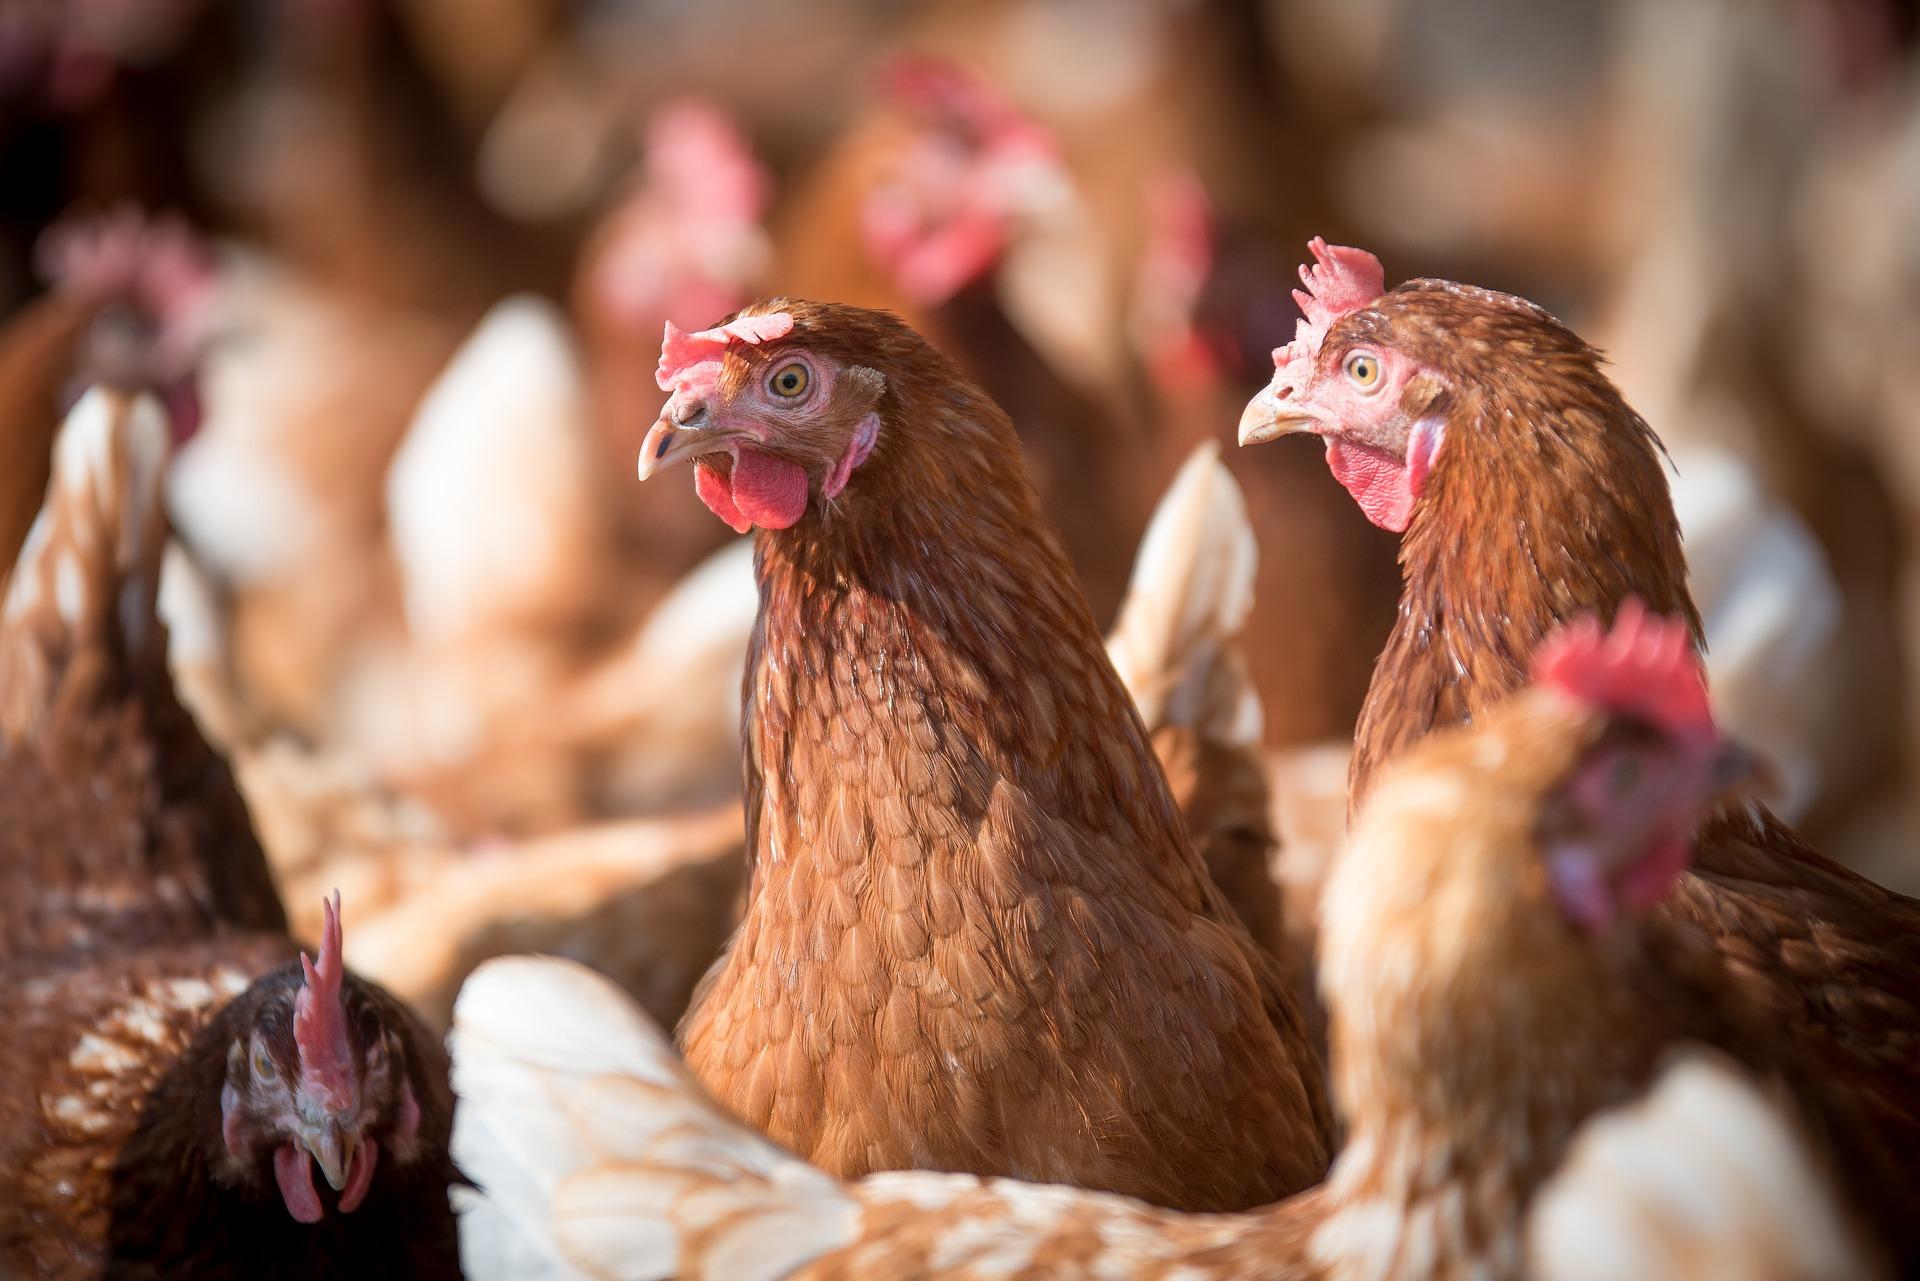 «Авангард» через 1-2 місяці змушений буде закрити 6 з 27 птахофабрик — Бахматюк